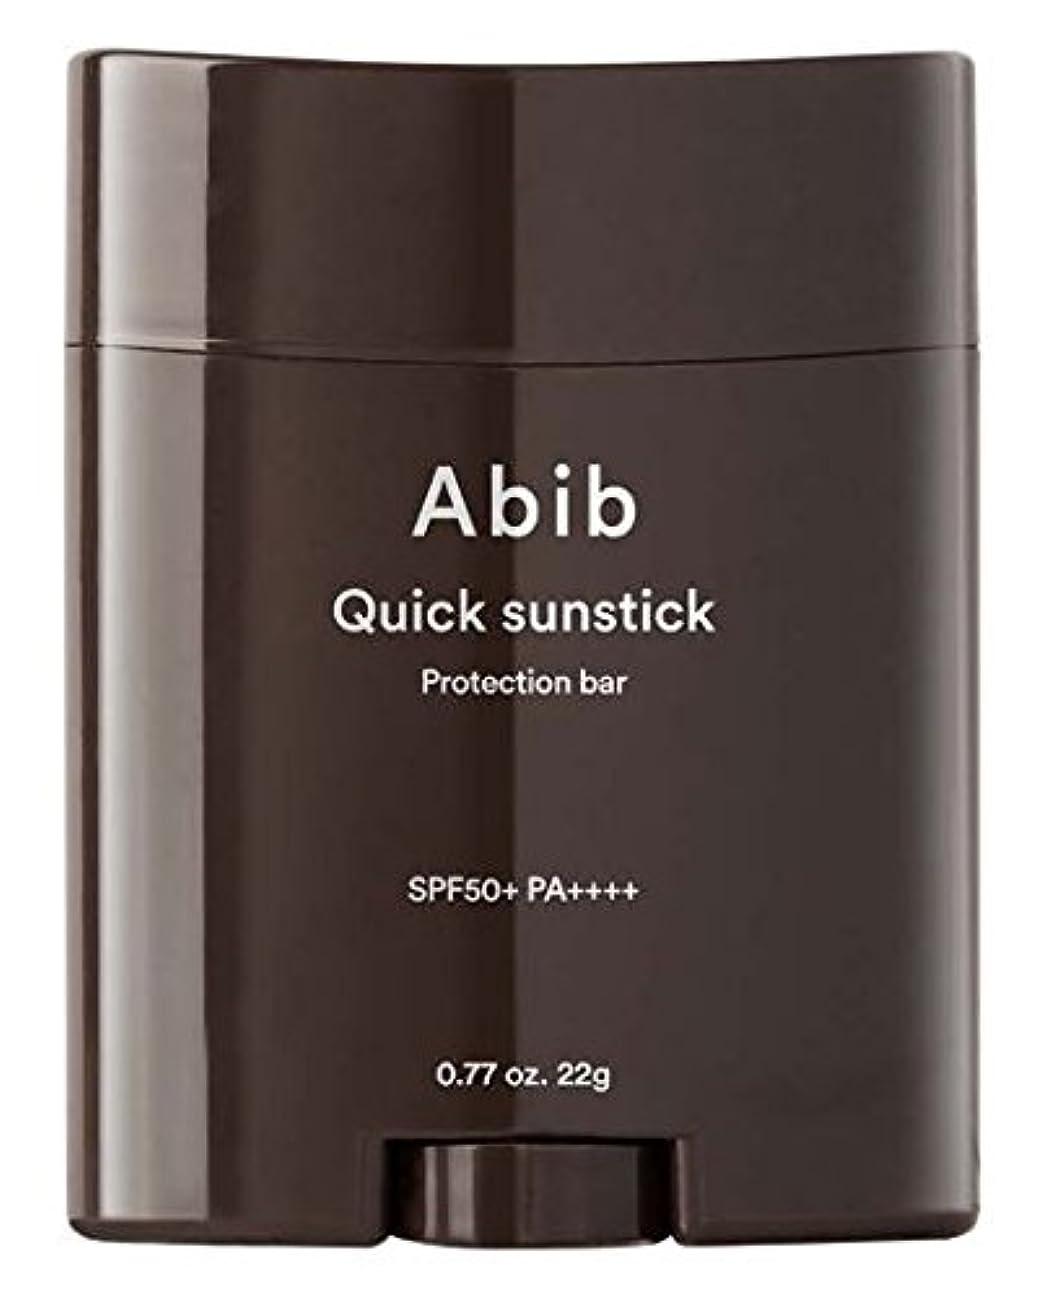 手術解くフィラデルフィア[Abib] QUICK SUNSTICK PROTECTION BAR 22g SPF50+PA++++/[アビブ]クイックサンスティックプロテクションバー 22g SPF50+PA++++ [並行輸入品]